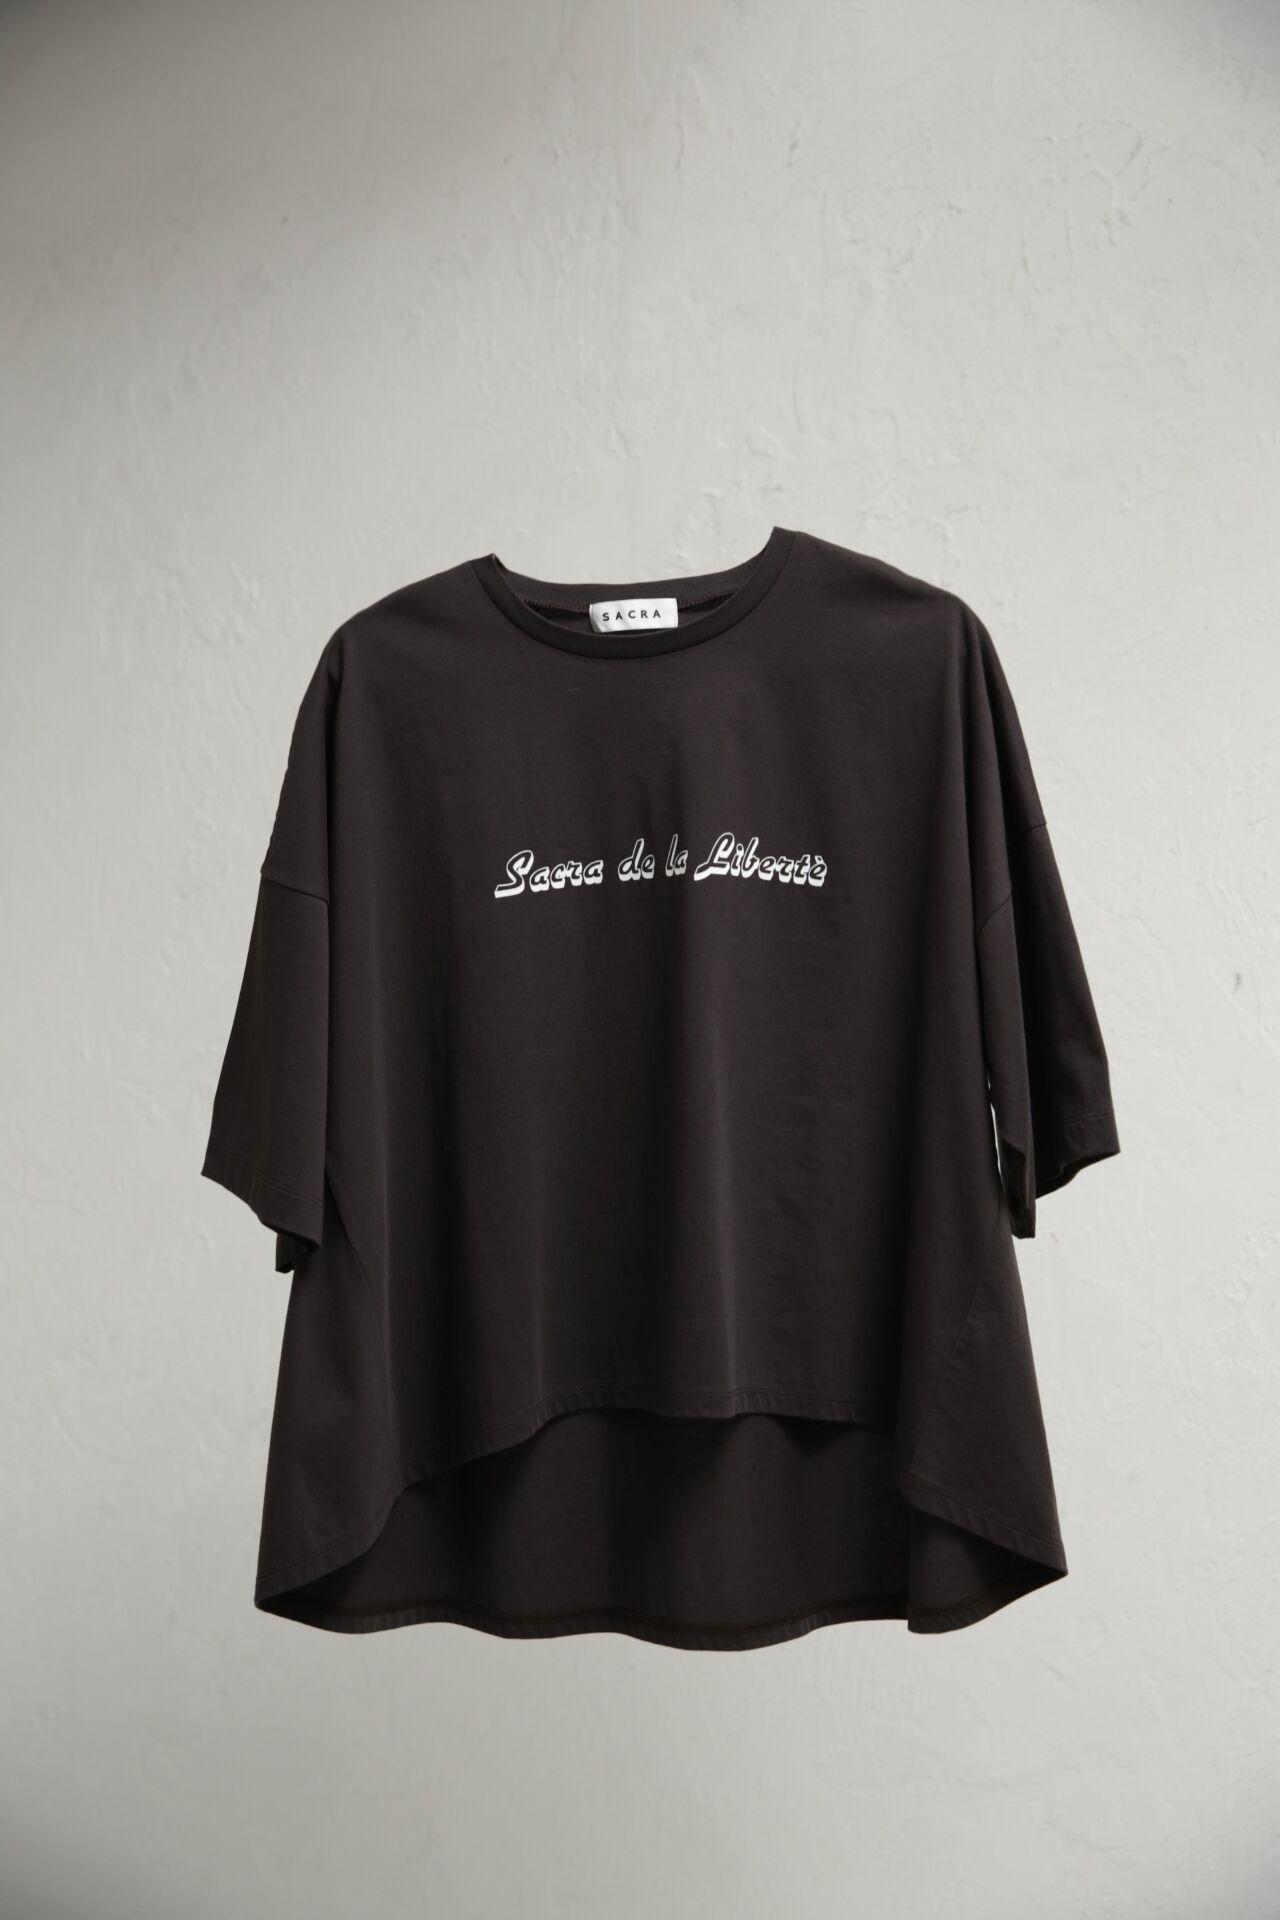 《Twitter フォロー&RTで応募》人気のレディースブランド『SACRA』のオリジナルロゴTシャツを2名様に♡__3